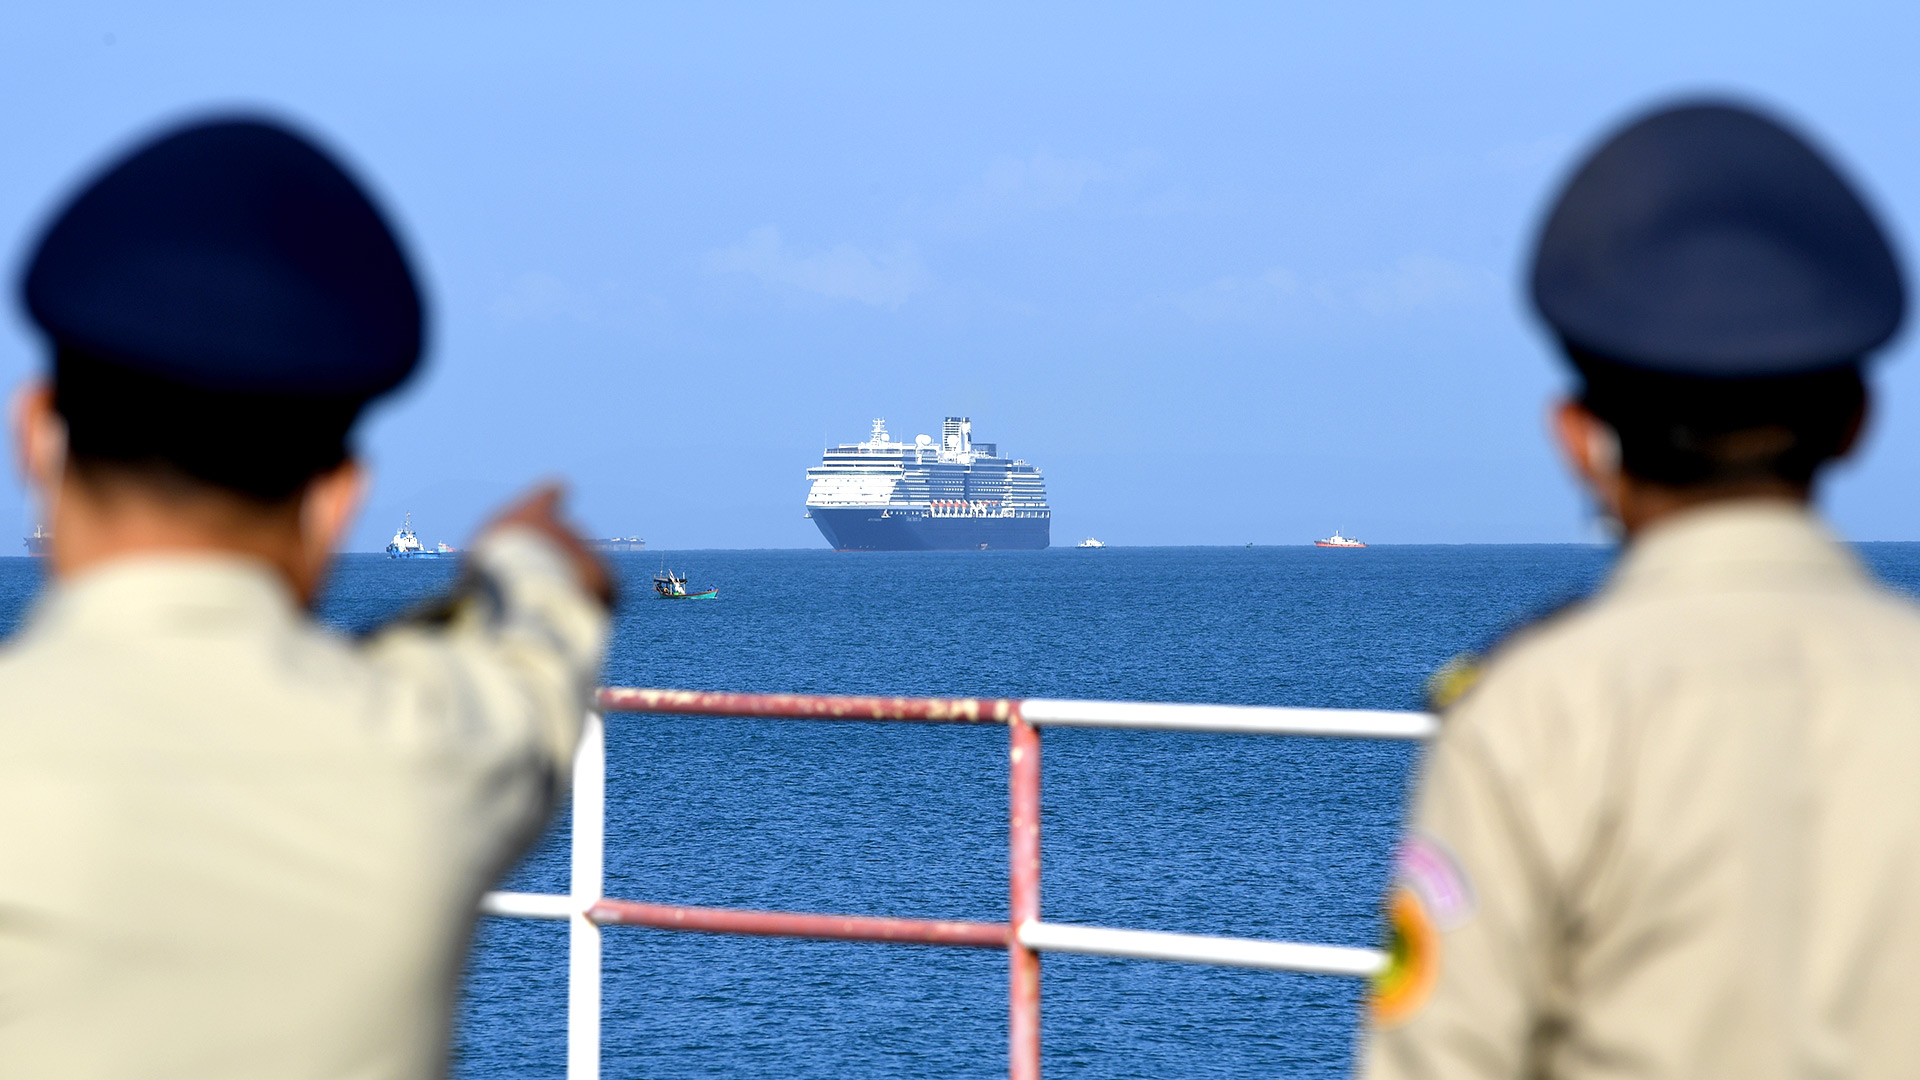 El crucero de Westerdam es visto por policías camboyanos cuando se acerca al puerto de Sihanoukville, la costa sur de Camboya, el 13 de febrero de 2020, donde el barco recibió permiso para atracar después de que se le negó la entrada a otros puertos asiáticos debido a los temores del coronavirus (TANG CHHIN Sothy / AFP)